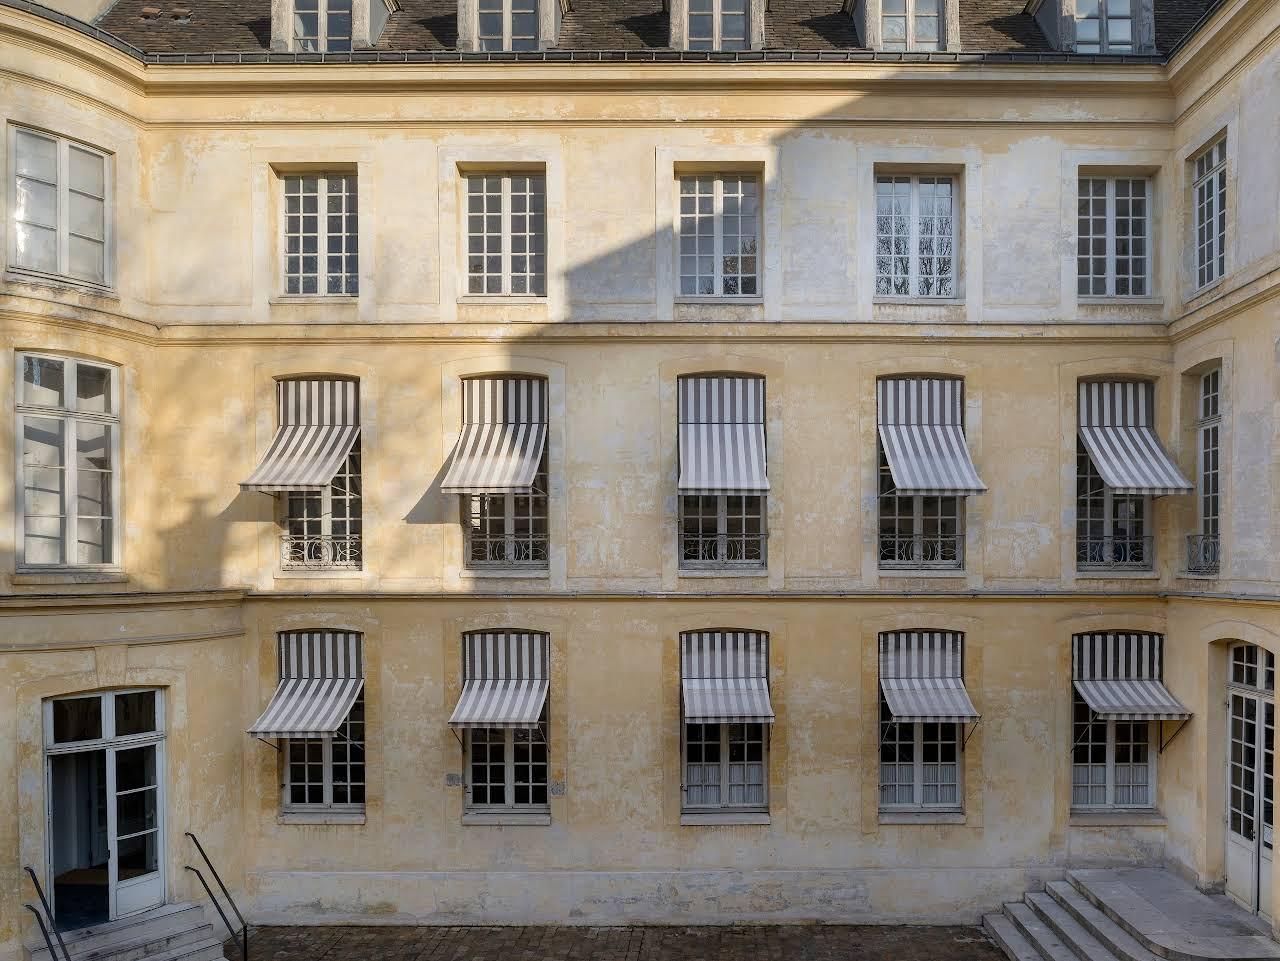 Appartements parc royal location meubl e le marais agence de location d 39 appartements paris - Agence location meublee paris ...